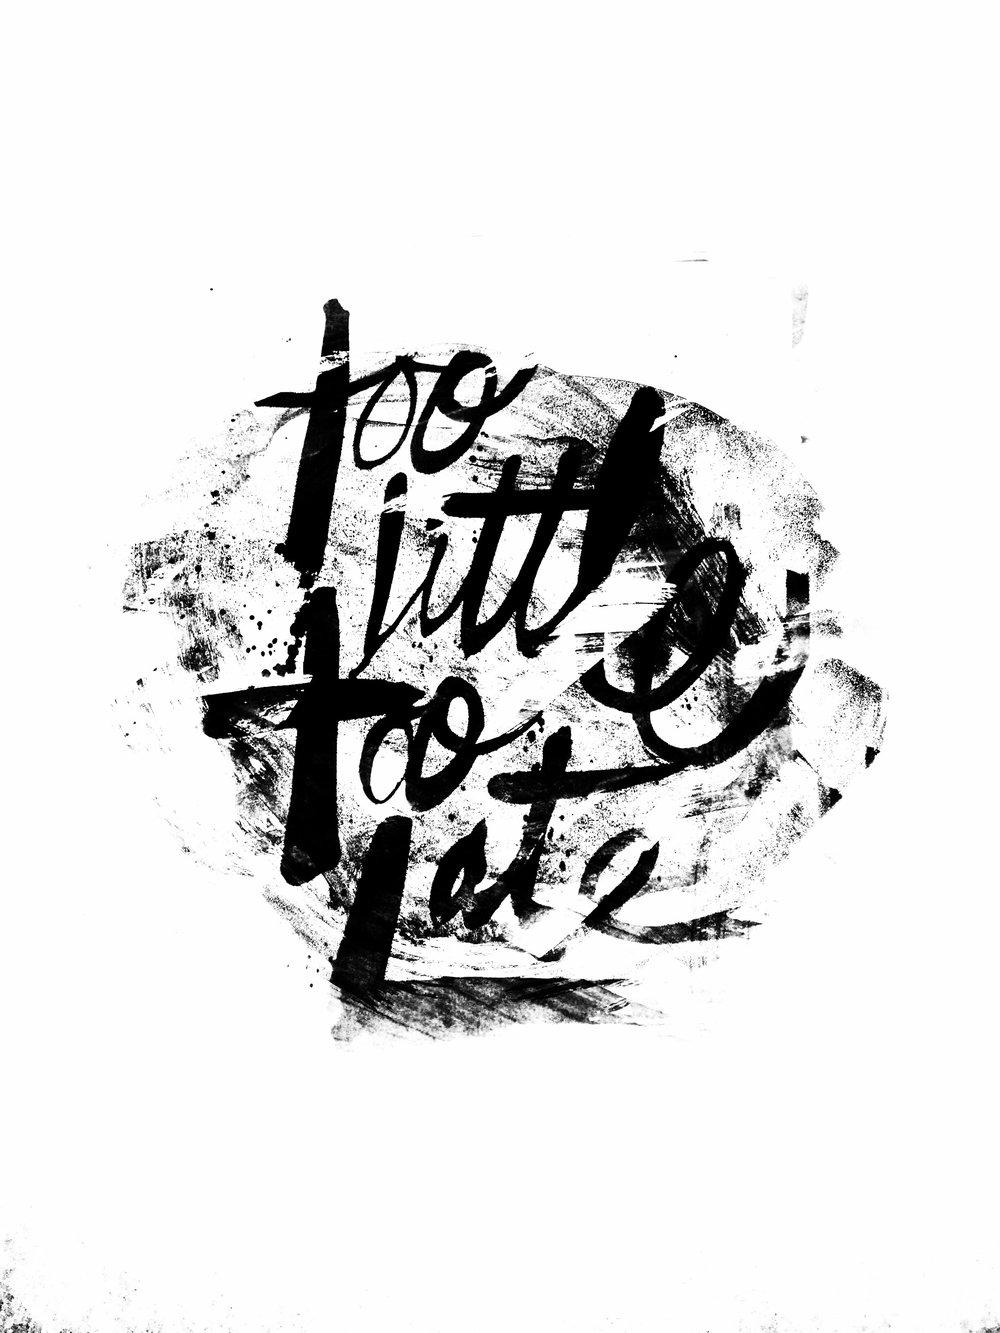 toolottle_toolate_instagram.jpg